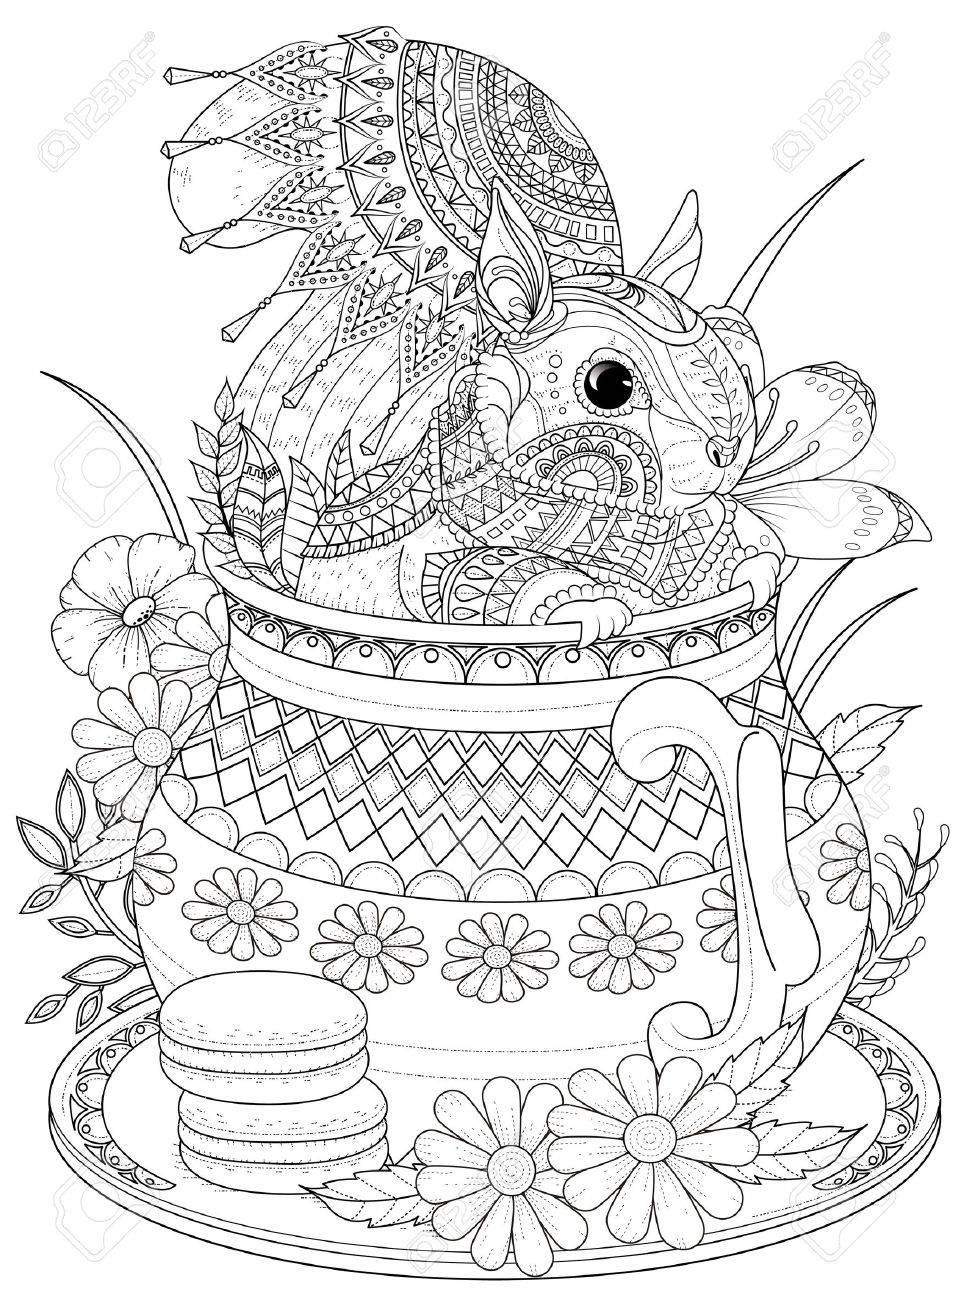 大人ぬりえページ ティーポットの愛らしいリスのイラスト素材ベクタ